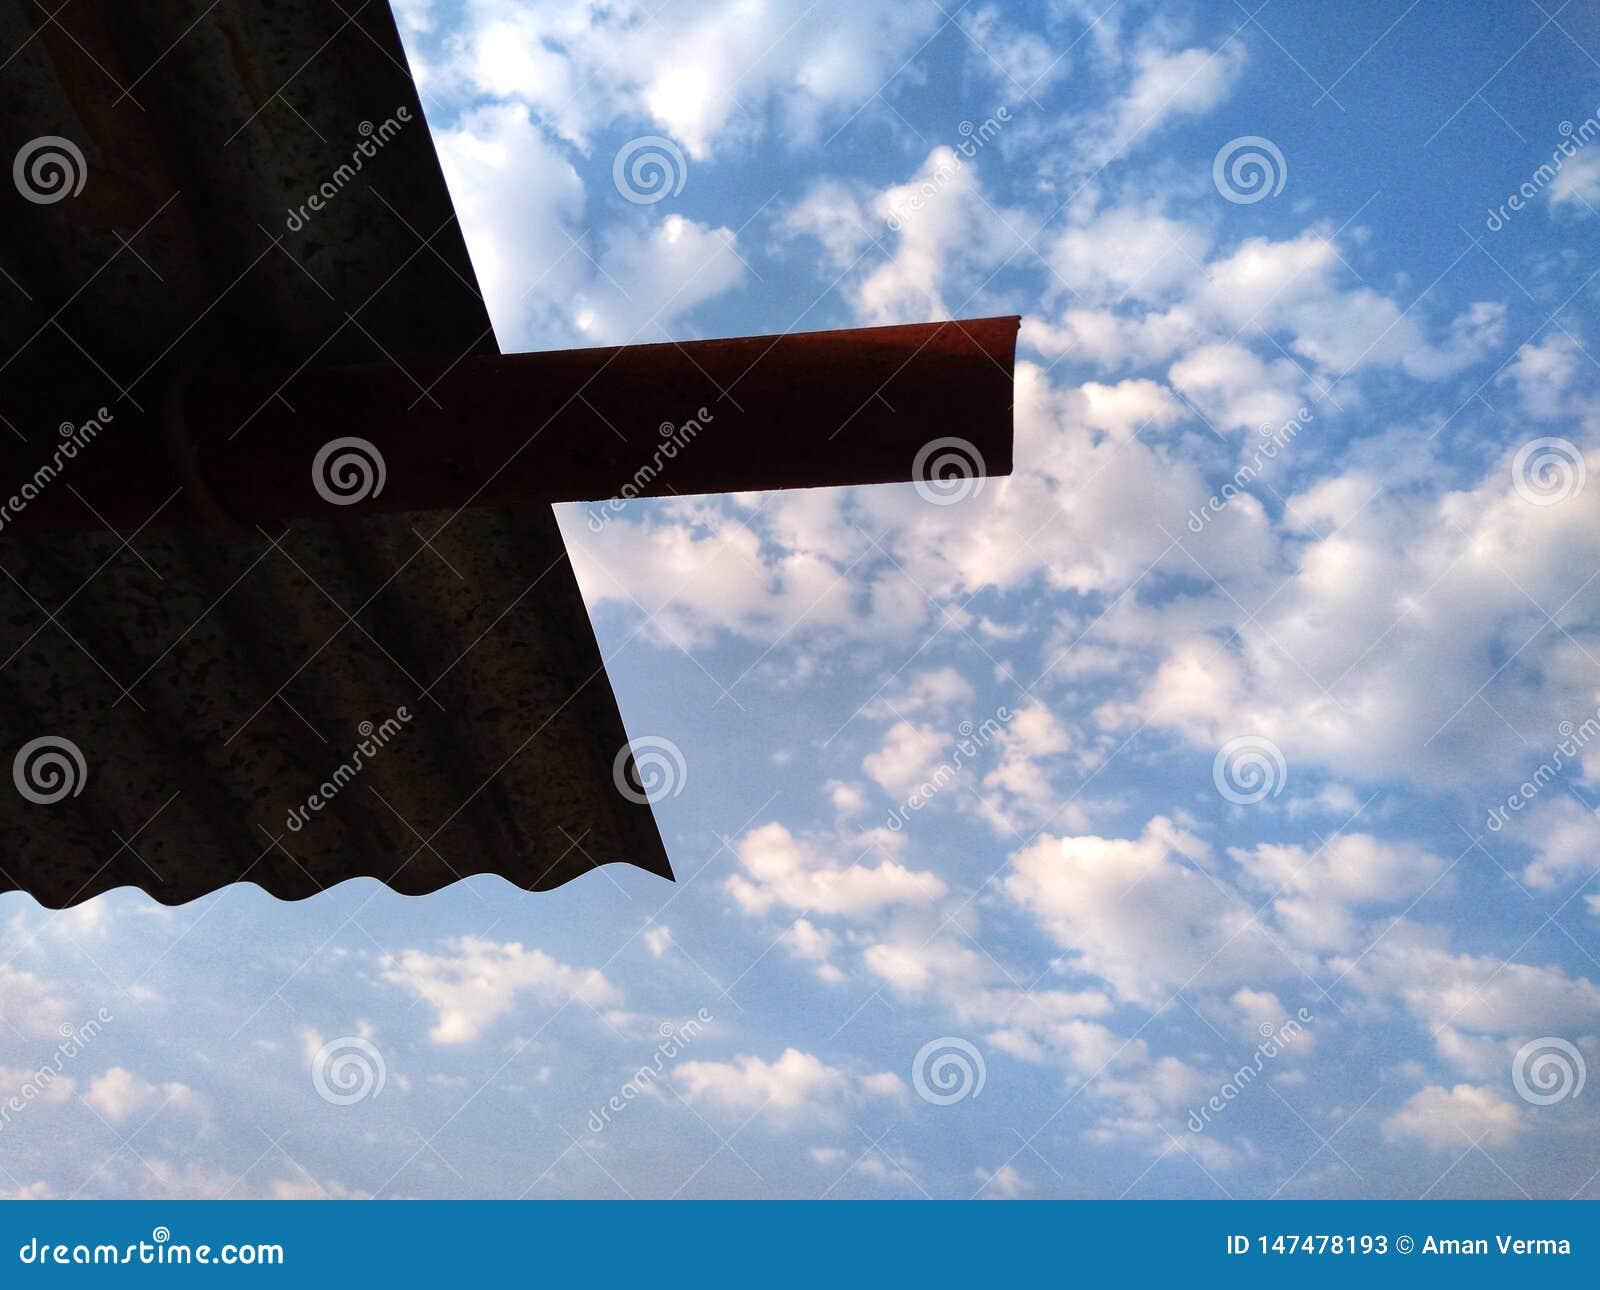 Fundo do céu azul com nuvens e o telhado minúsculos